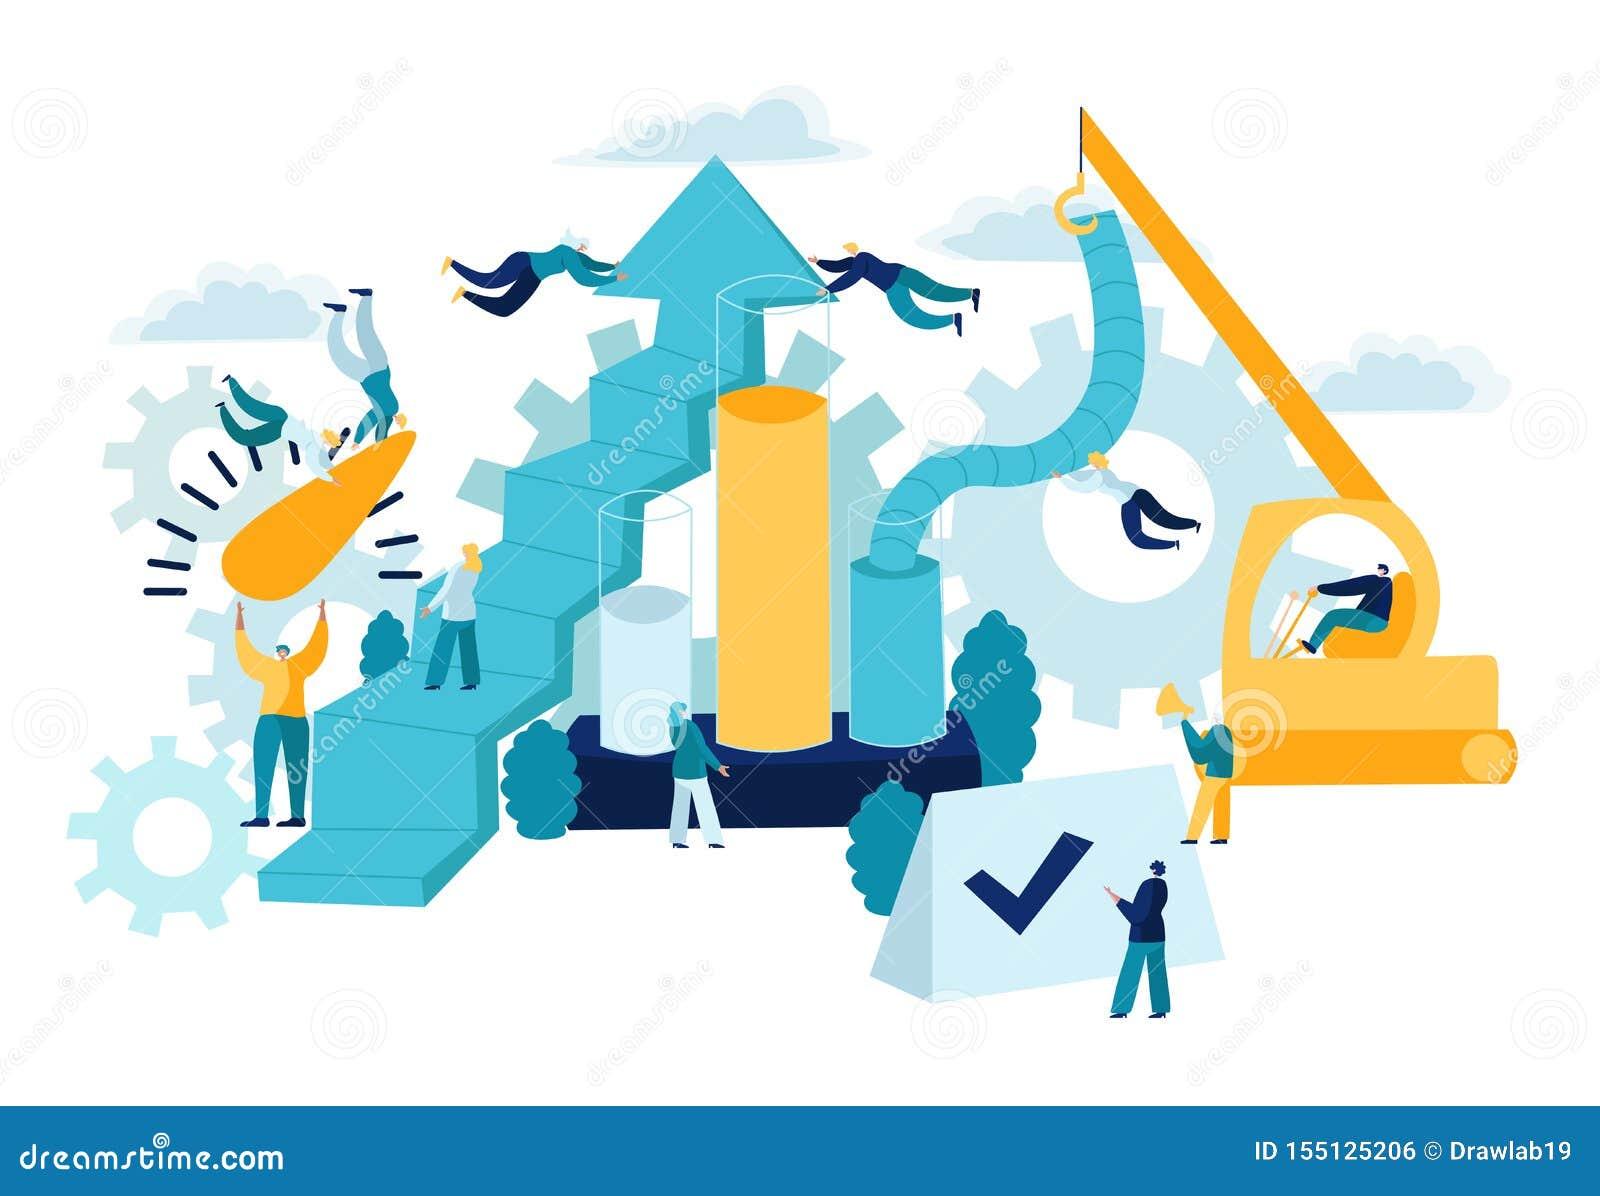 KPI-Konzept, -bewertung, -optimierung, -strategie, -checkliste und -maß Schlüsselleistung Indicatorsusing-Geschäft